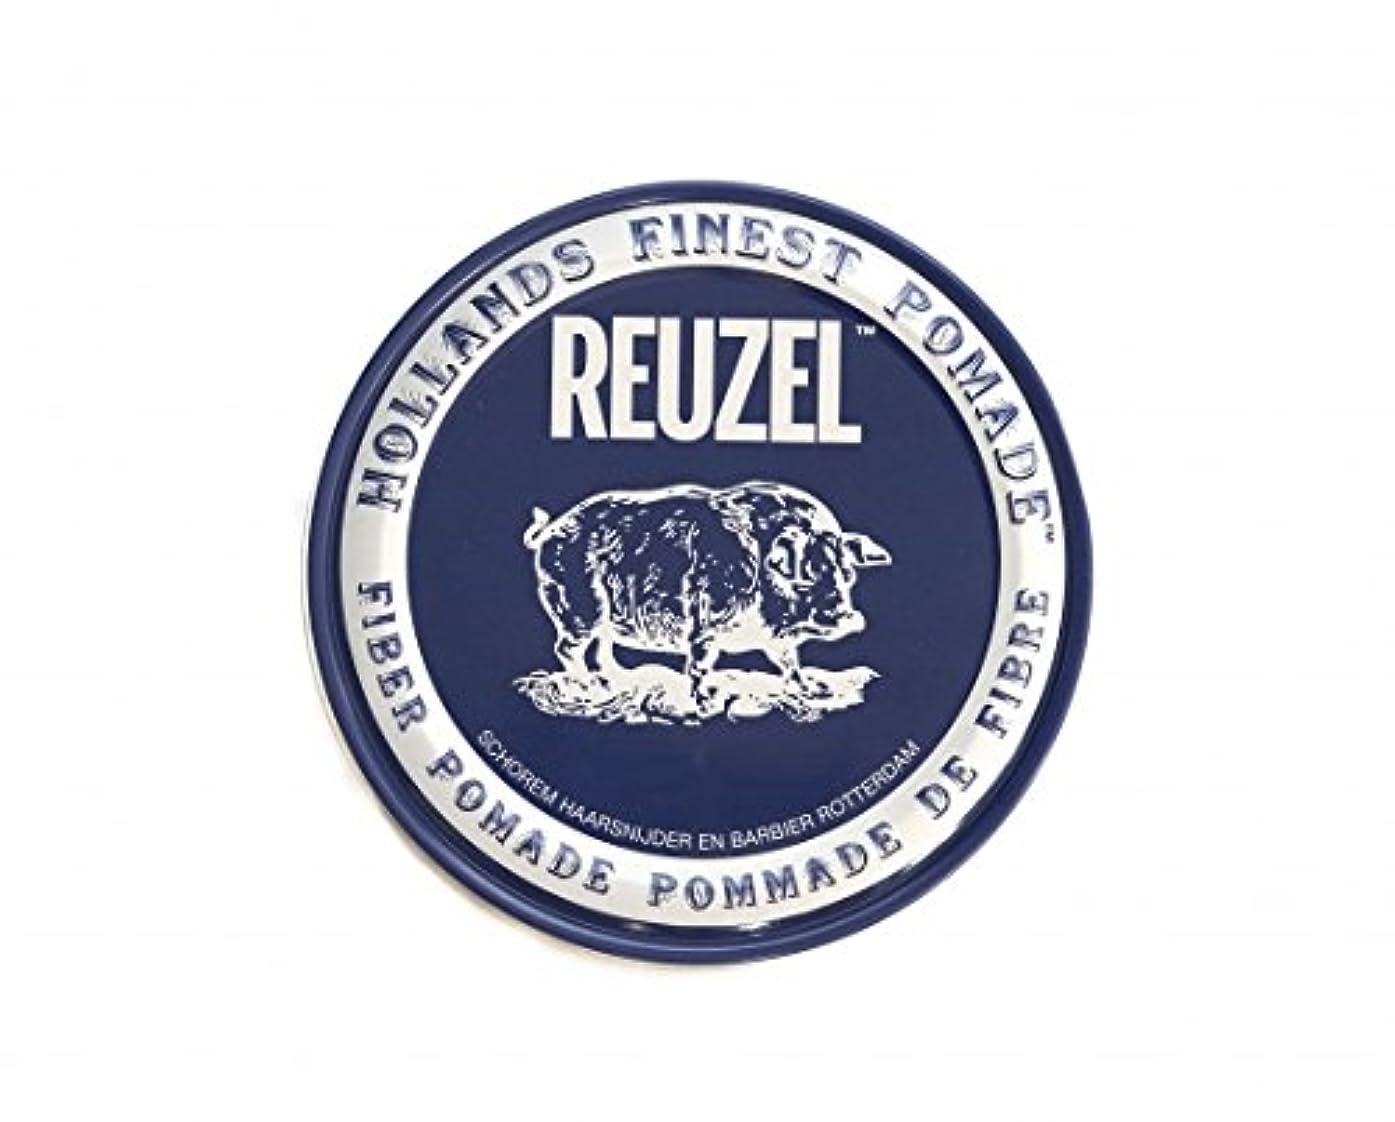 長くする大きい離れてルーゾー REUZEL FIBER ファイバー ポマード ネイビー 340g